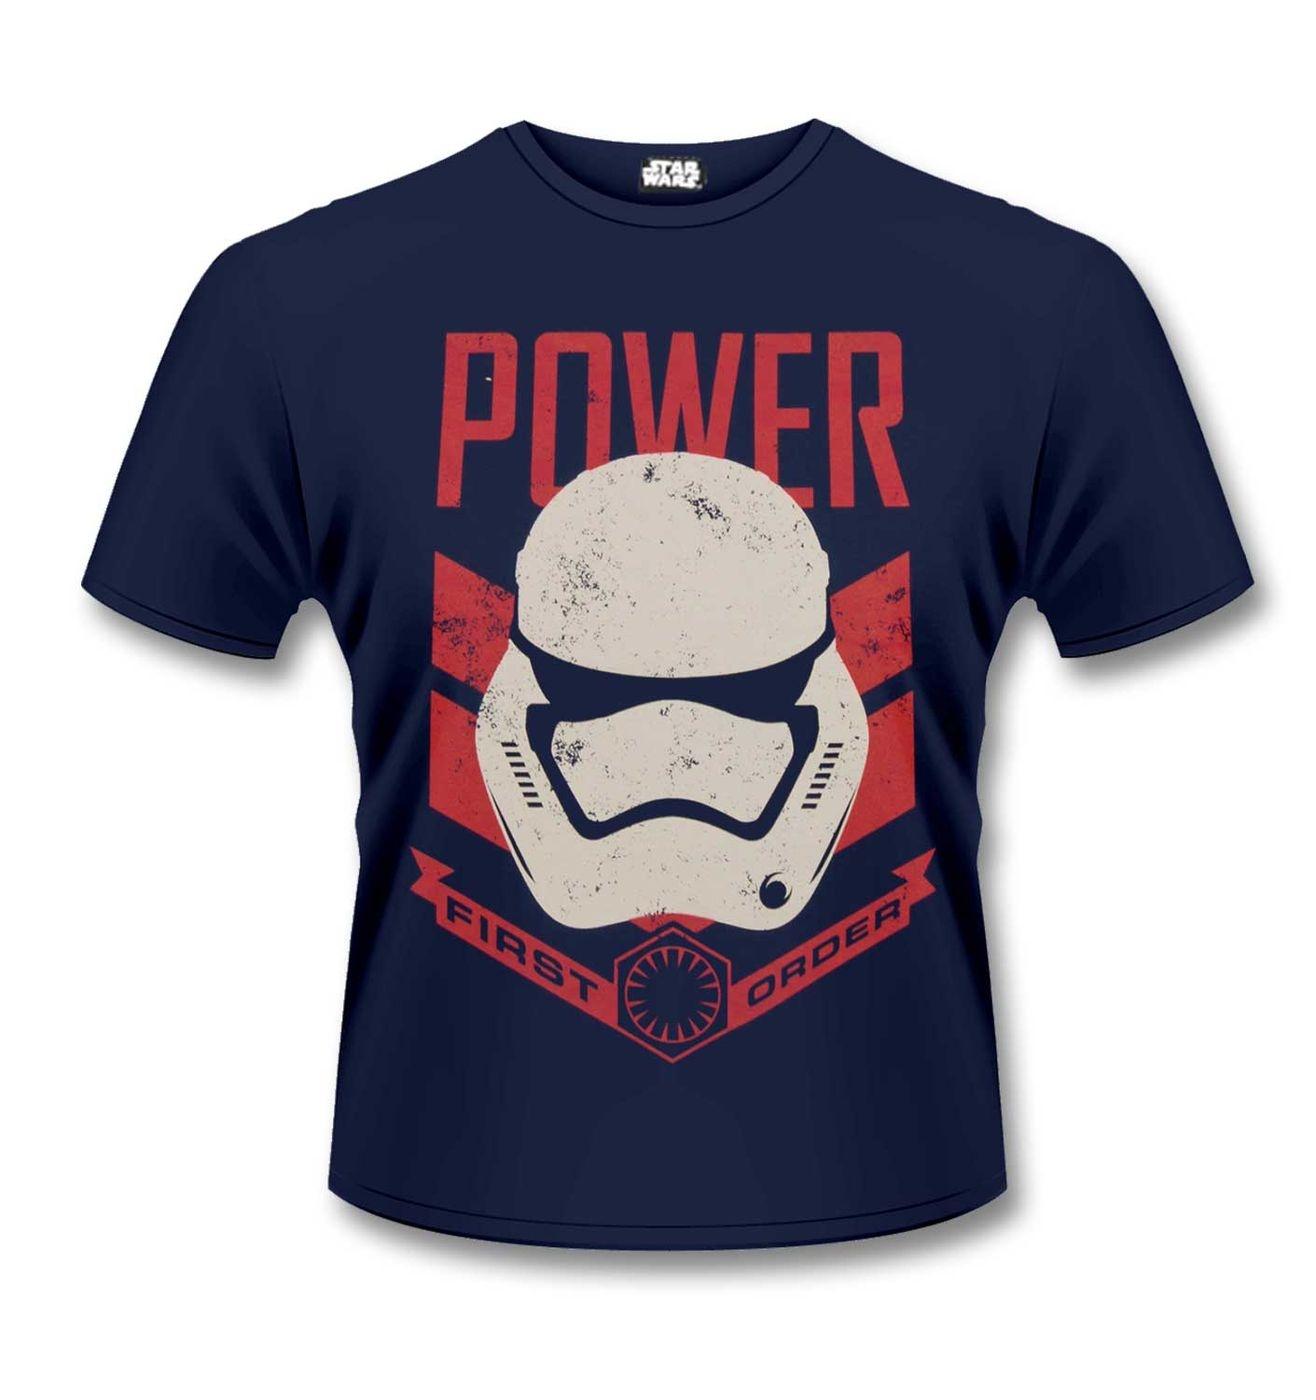 First Order Stormtrooper Power t-shirt. Official Star Wars merchandise